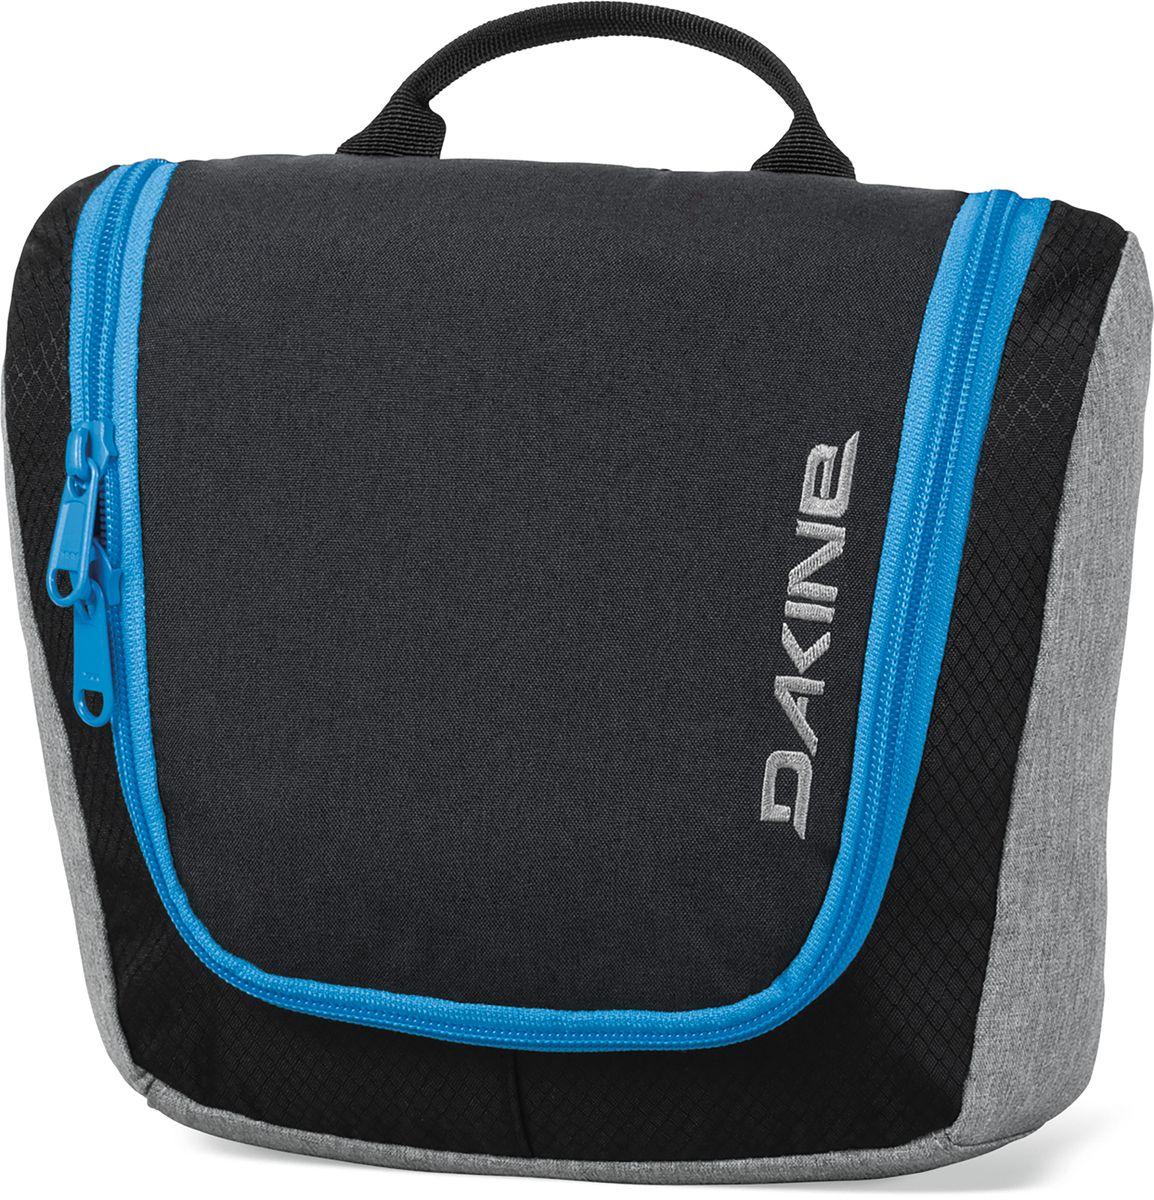 Сумка дорожная Dakine Travel Kit Tabor, цвет: черный, 3 л. 816001000116874 08160010Сумка для косметики. Может подвешиваться за крючок.